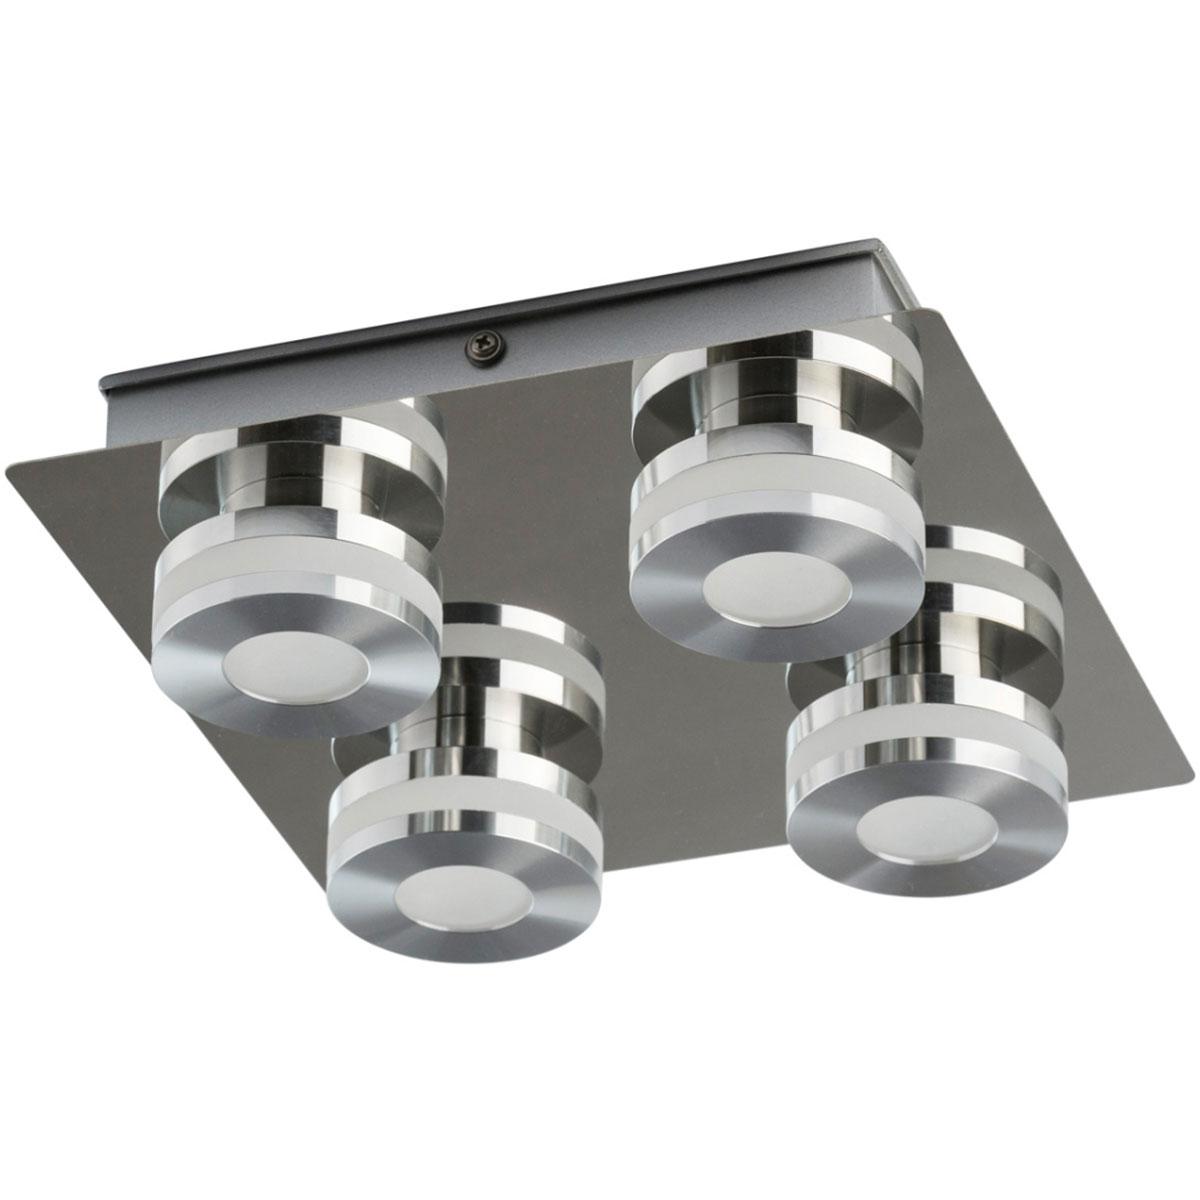 Oświetlenie Sufitowe Do łazienki Chromowane 4 Punkty Led Demarkt Techno